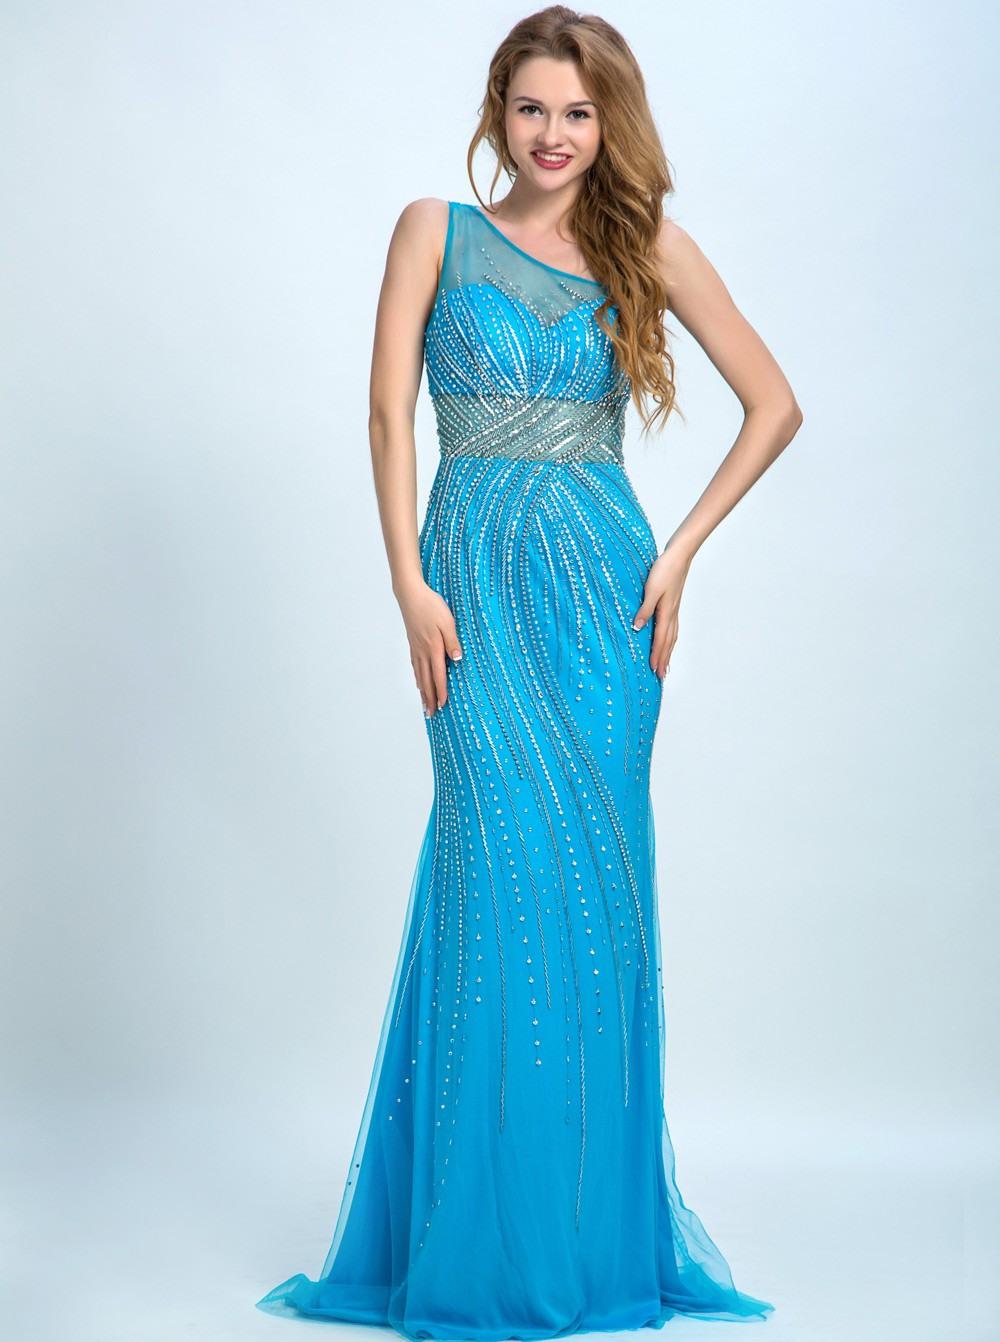 17 Einzigartig Blau Abendkleid GalerieAbend Leicht Blau Abendkleid Ärmel